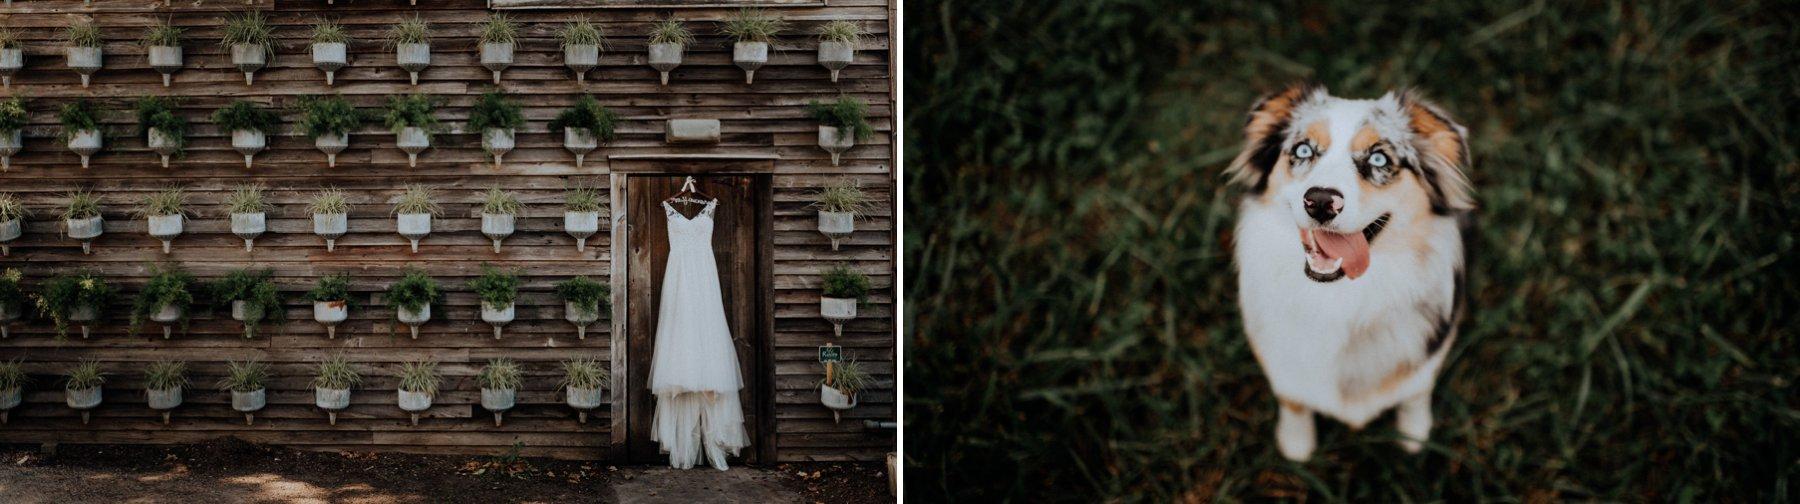 338-346-terrain-wedding-2.jpg